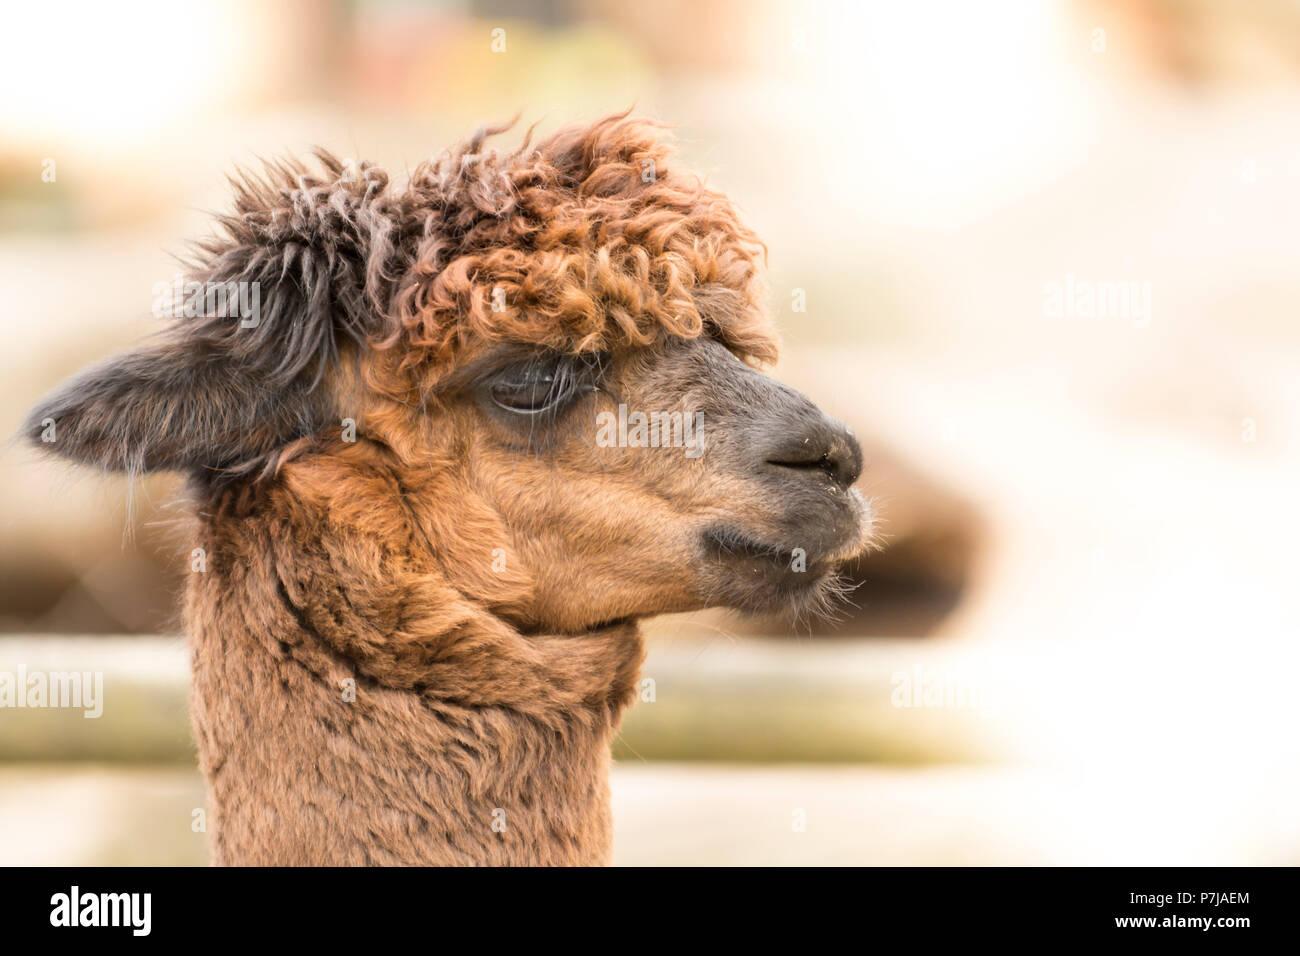 Ein Porträt einer Suri Alpaka mit Gefältelt Haarkleid Haar. Platz kopieren Stockbild